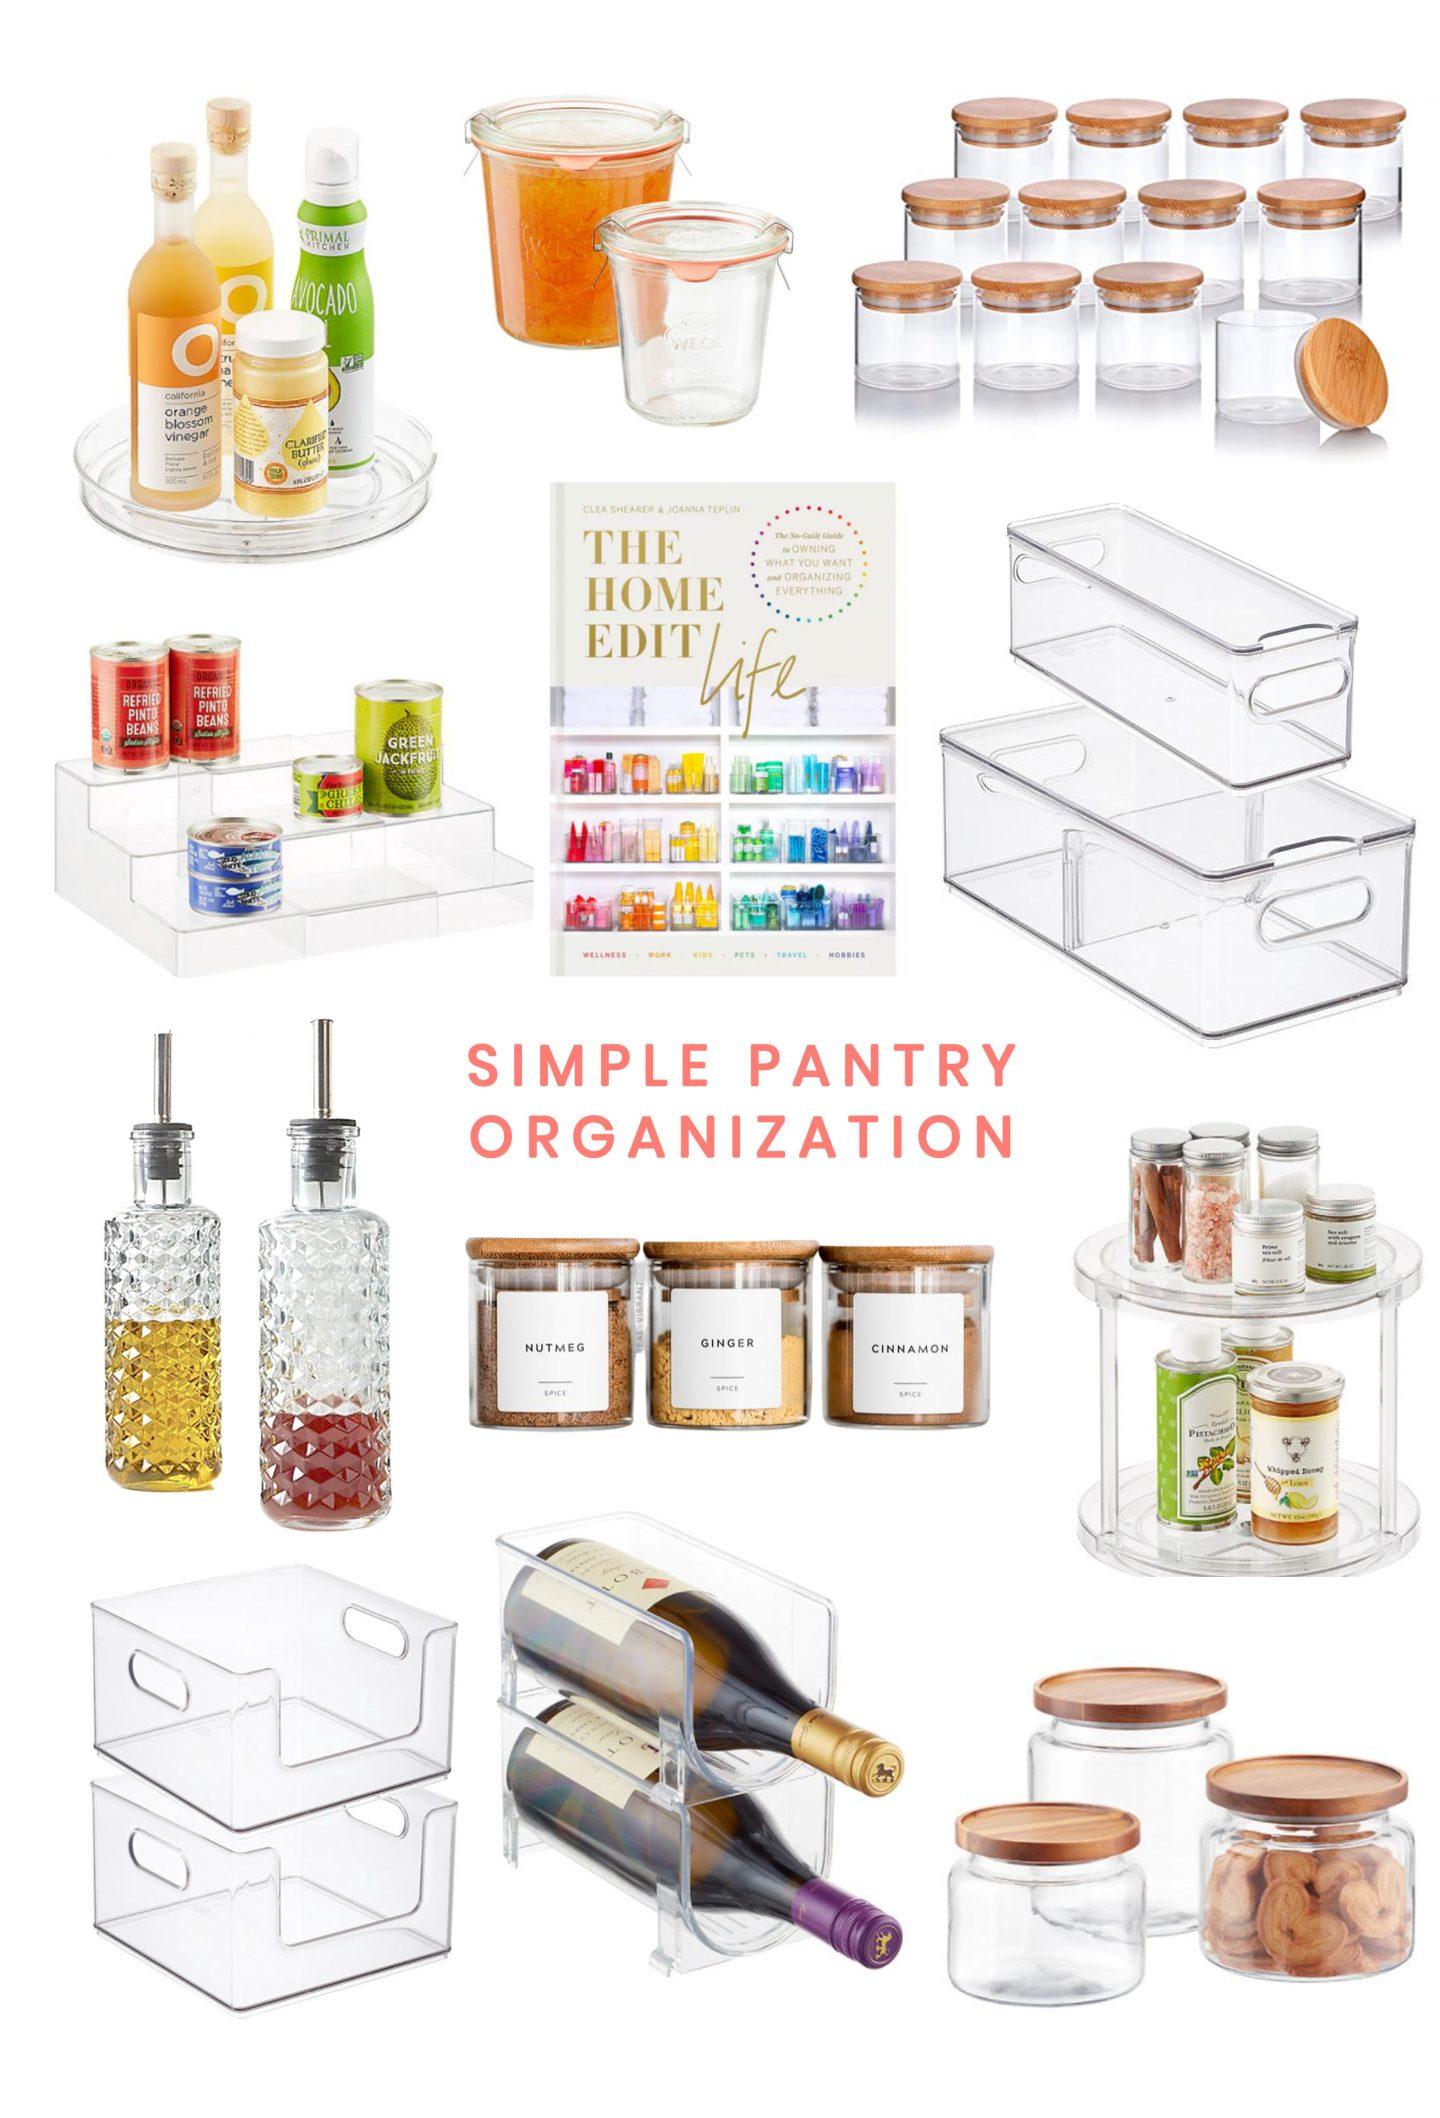 Simple Pantry Organization